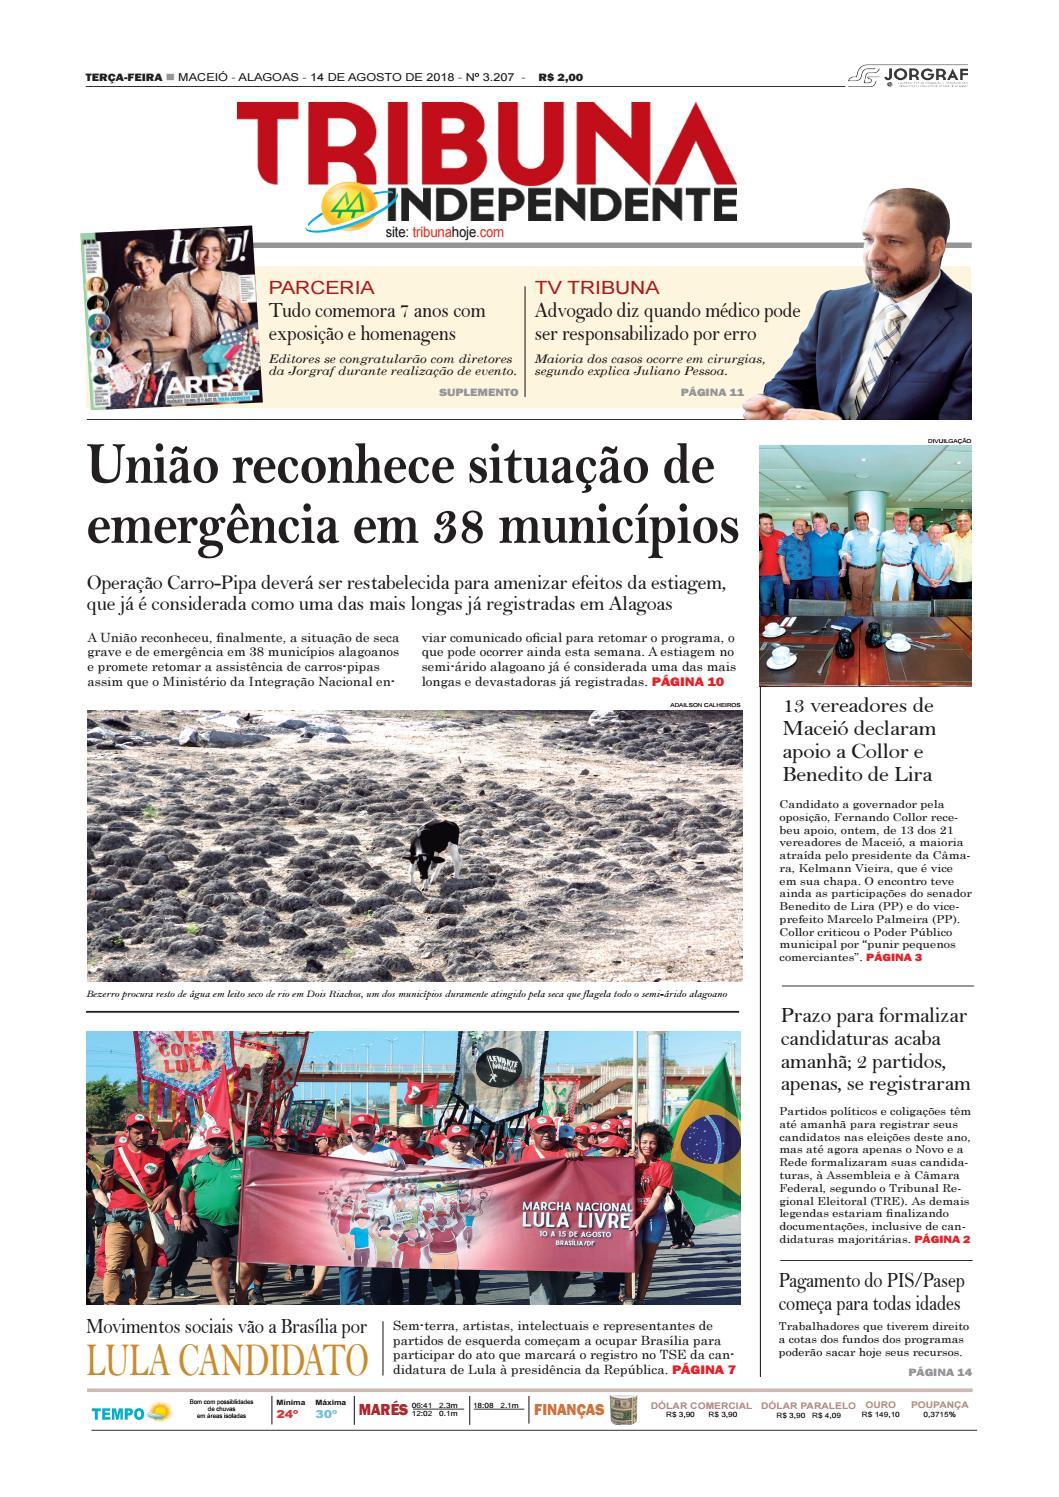 Edição número 3207 - 14 de agosto de 2018 by Tribuna Hoje - issuu fd6c5f4a1a262